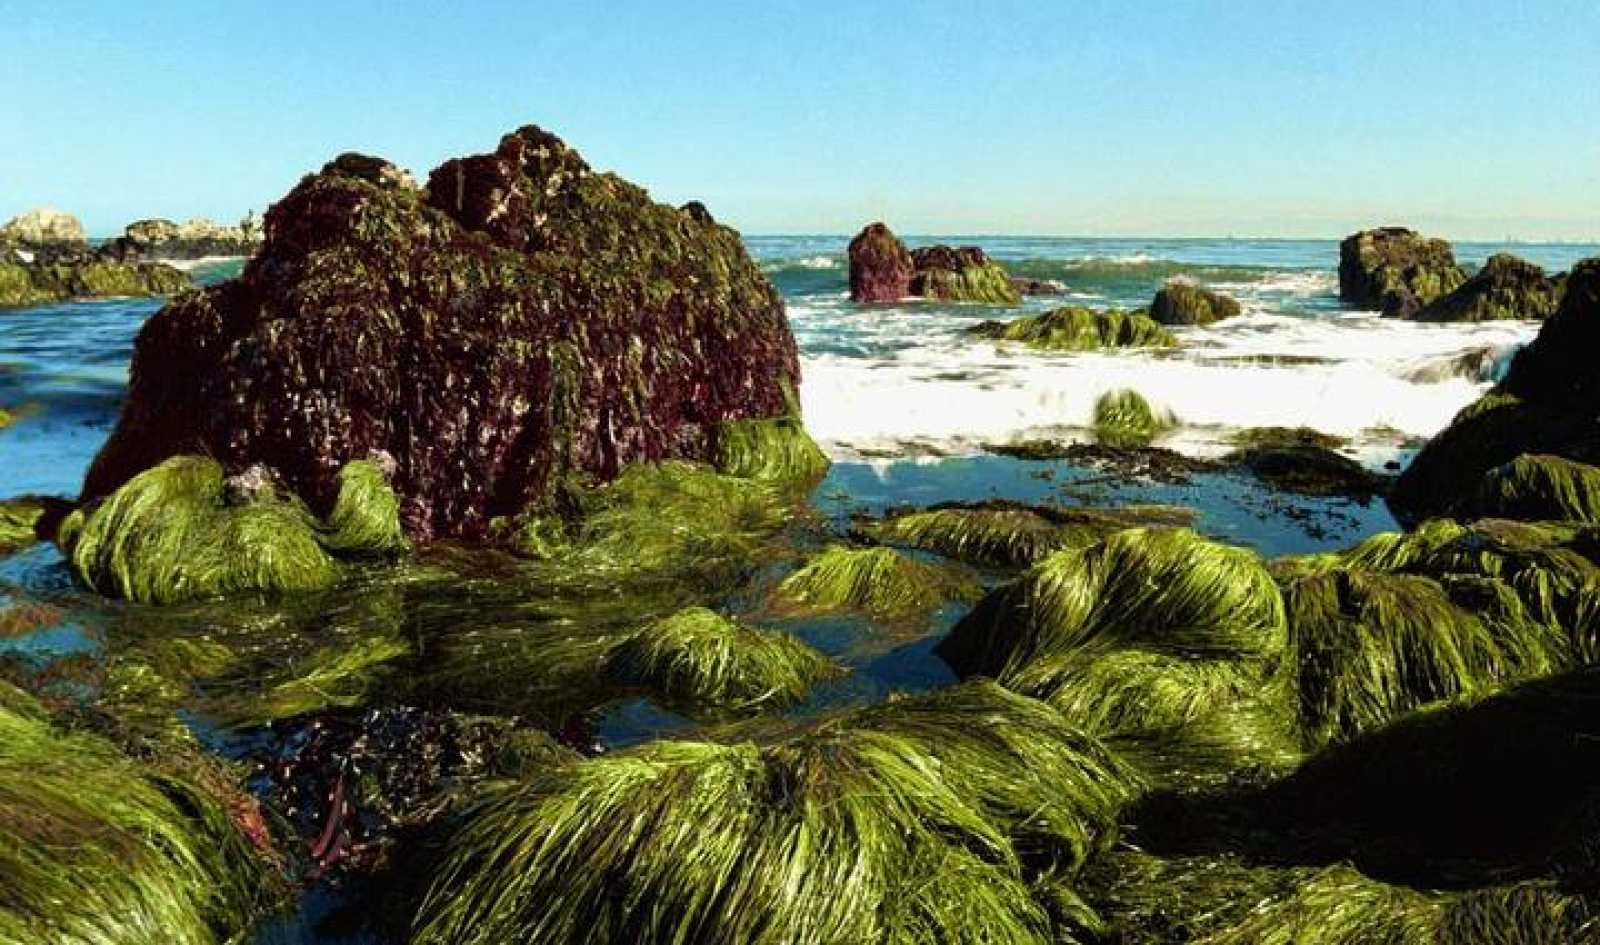 Algas en la costa del Pacífico, en California.